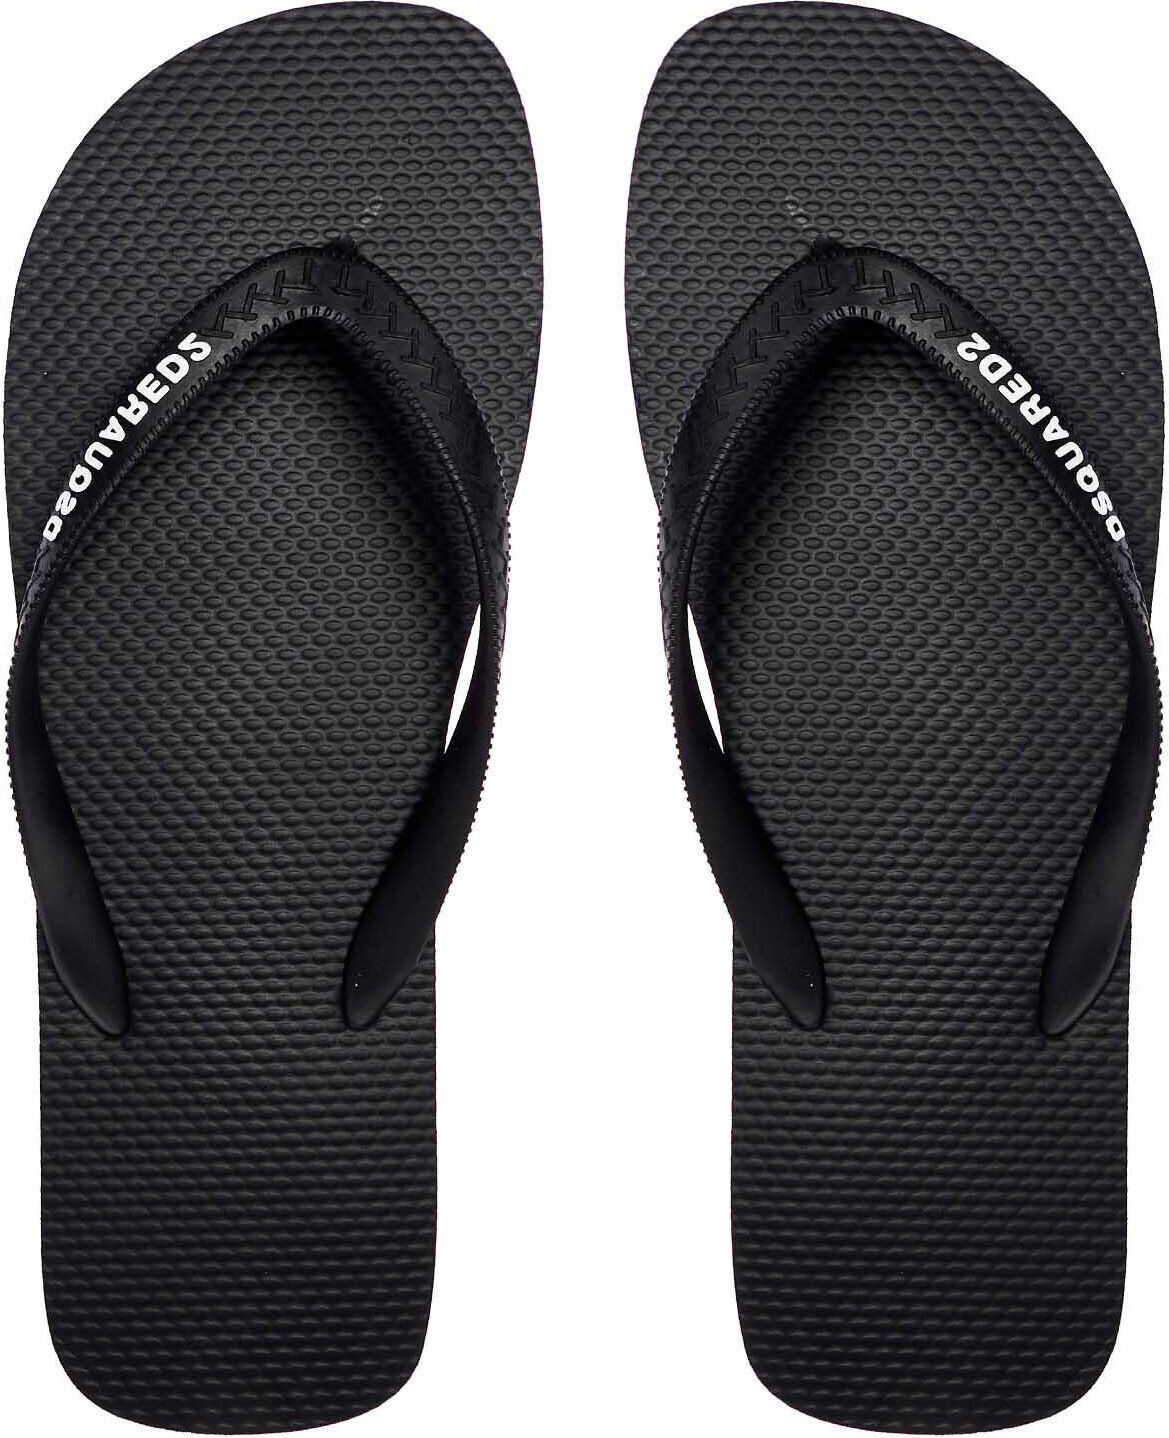 DSQUARED2 Flip Flops Black